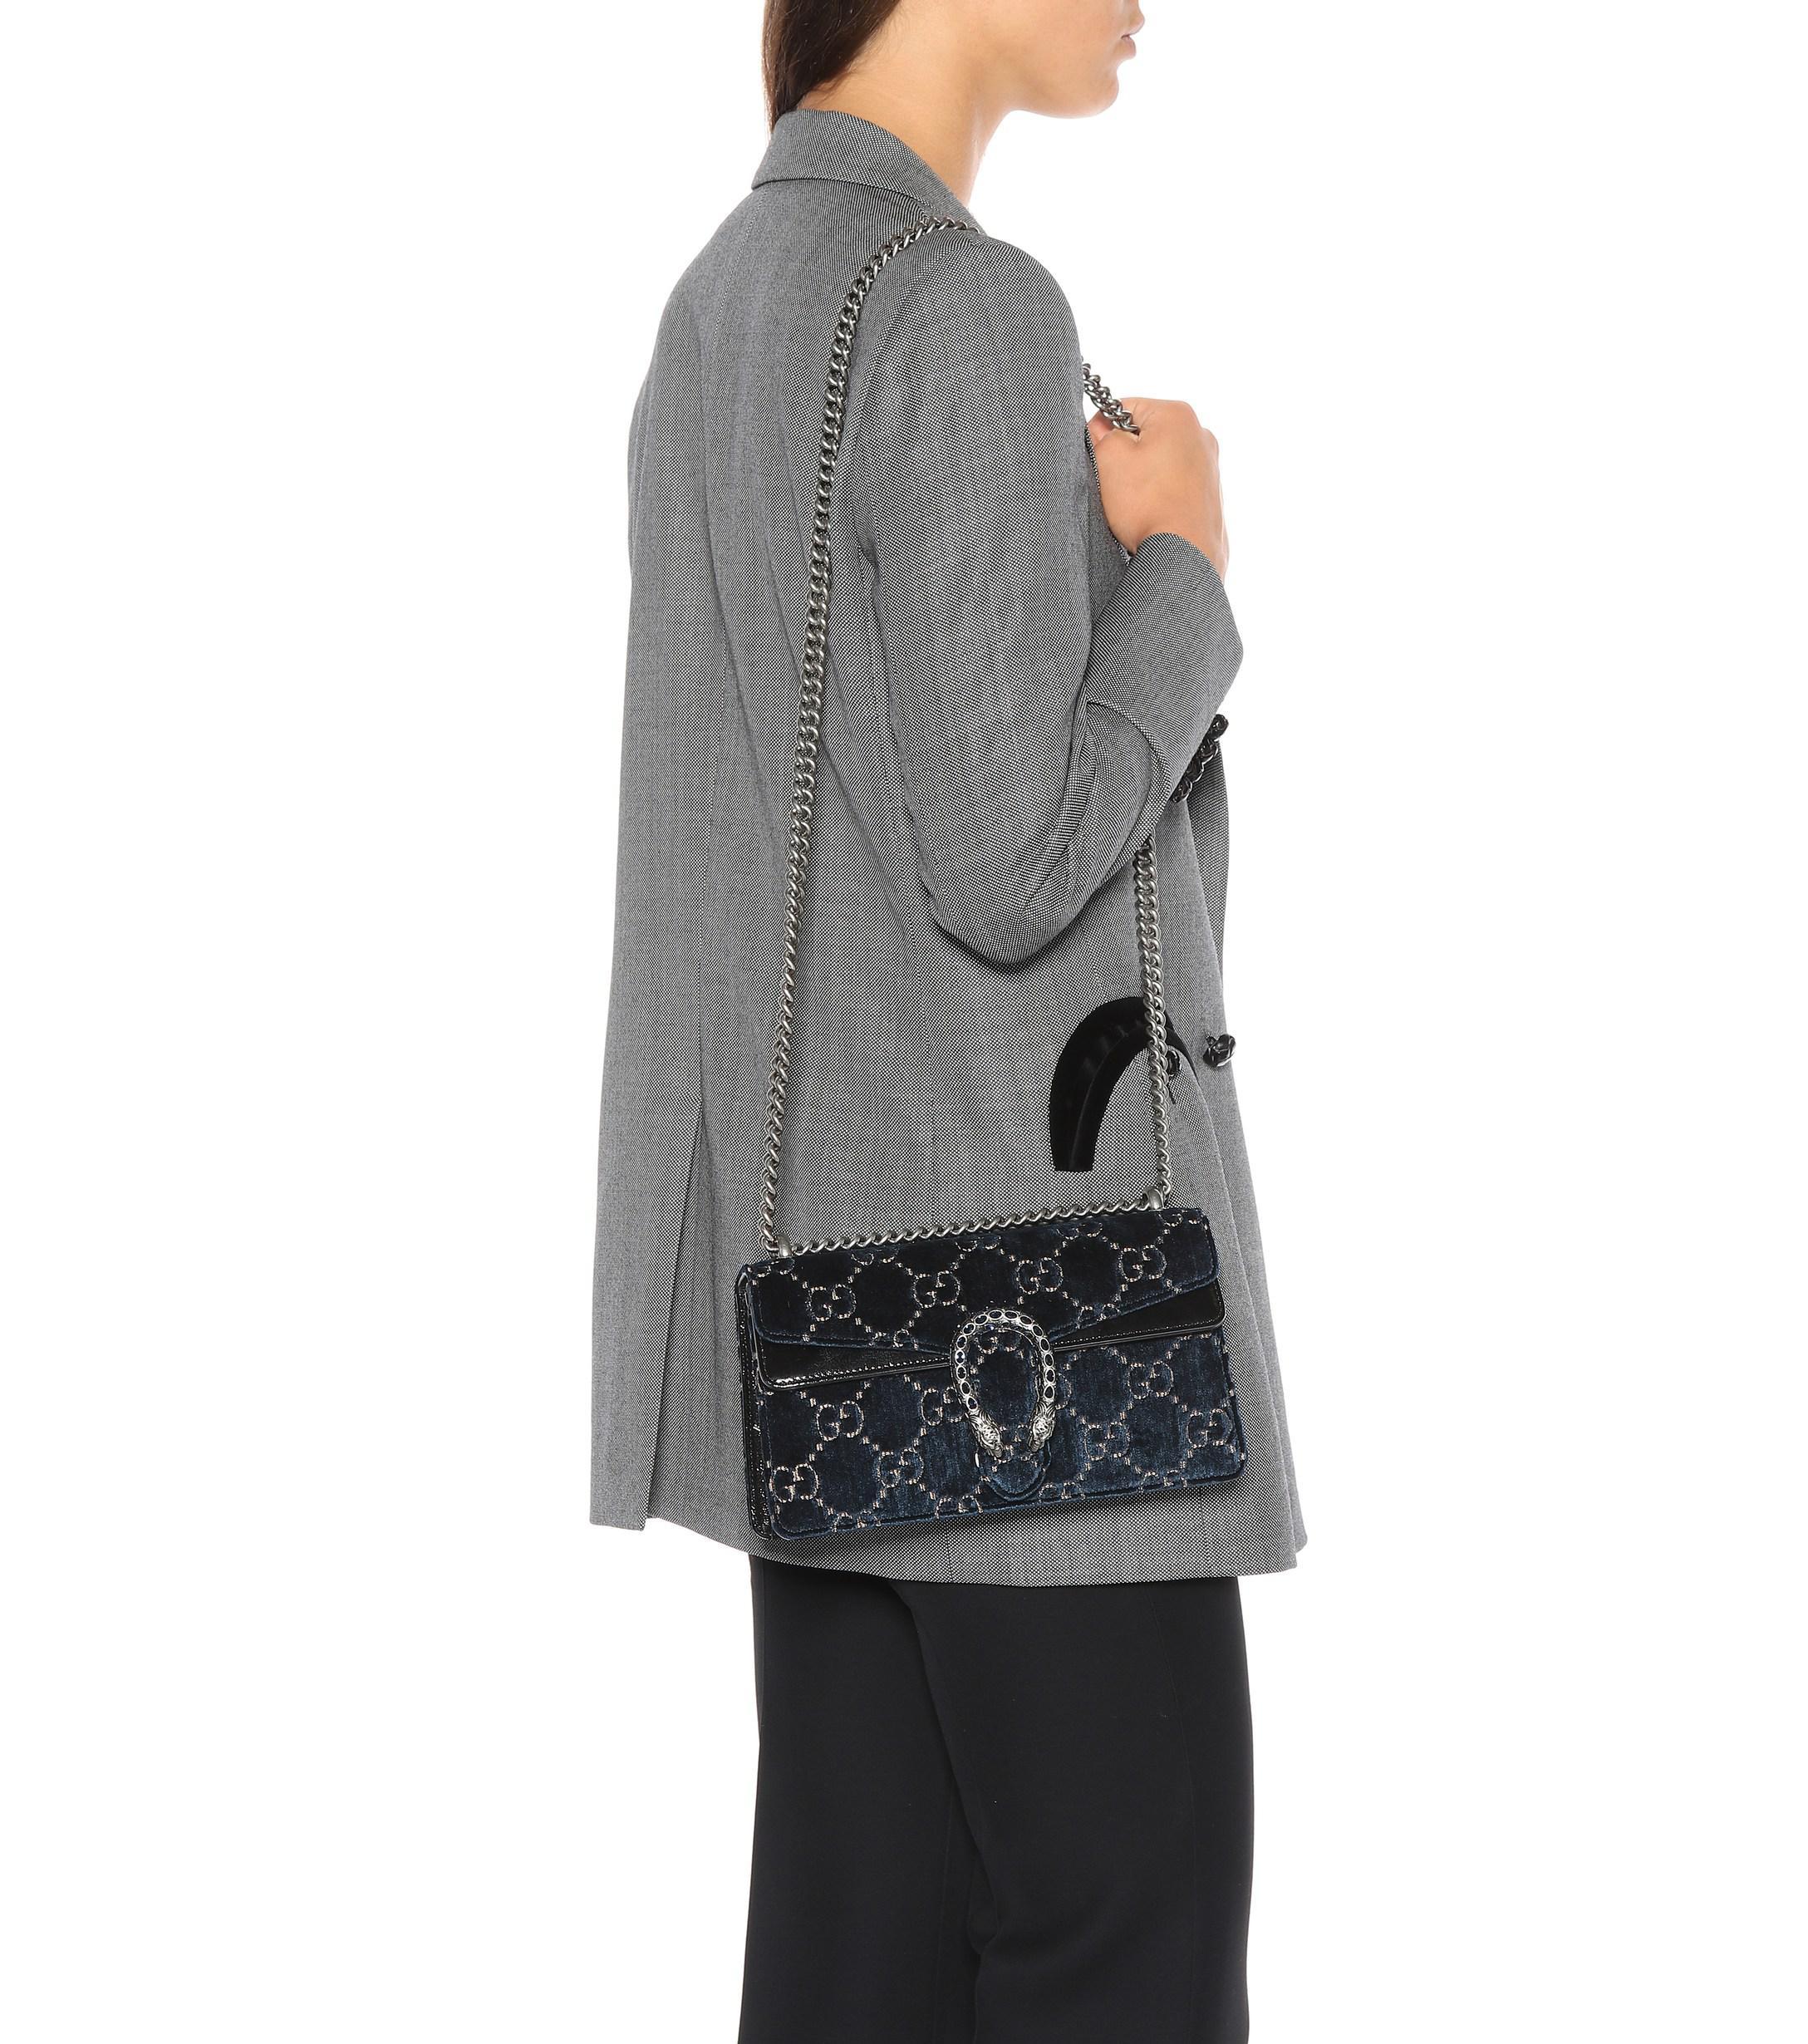 aa14d8628 ... Gucci Blue Dionysus GG Small Velvet Shoulder Bag · Visit Mytheresa. Tap  to visit site